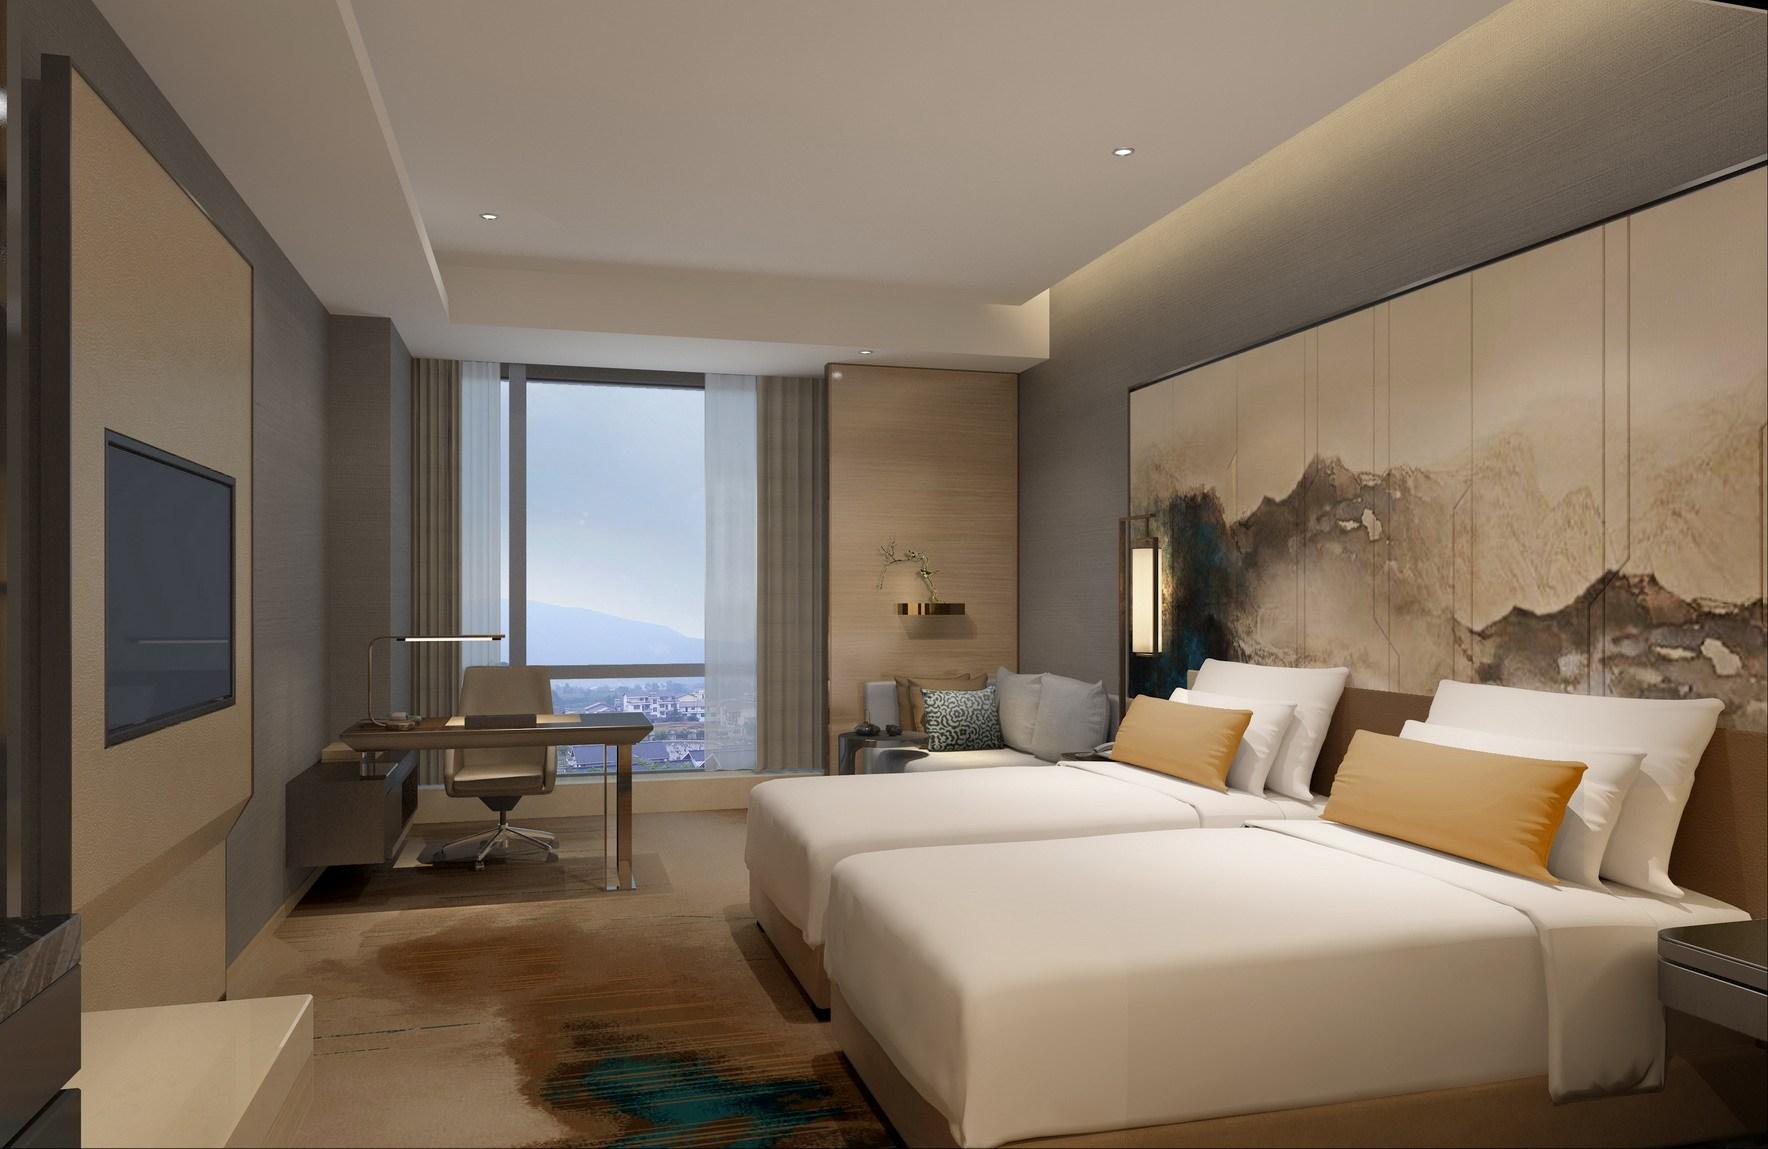 酒店设计|酒店方案设计说明|酒店装修设计(图2)